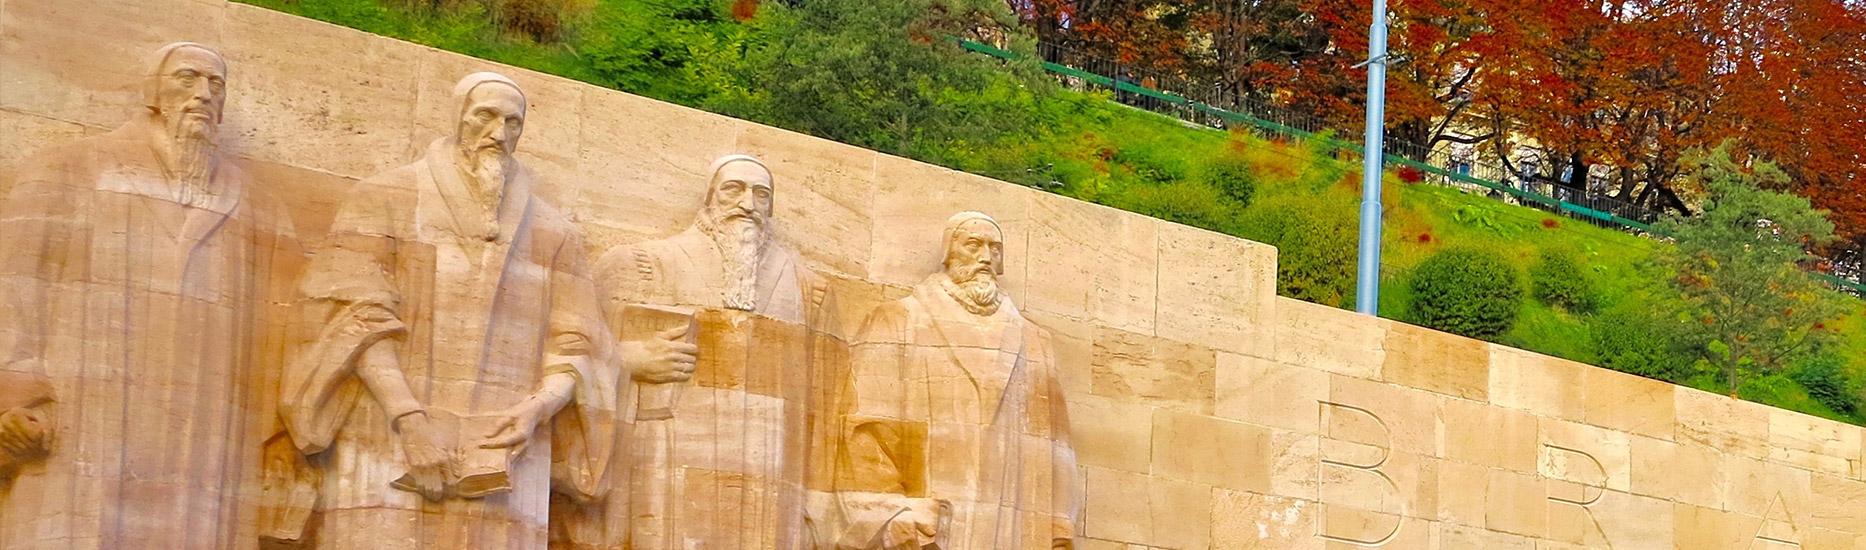 Die Weiterführung der Reformation